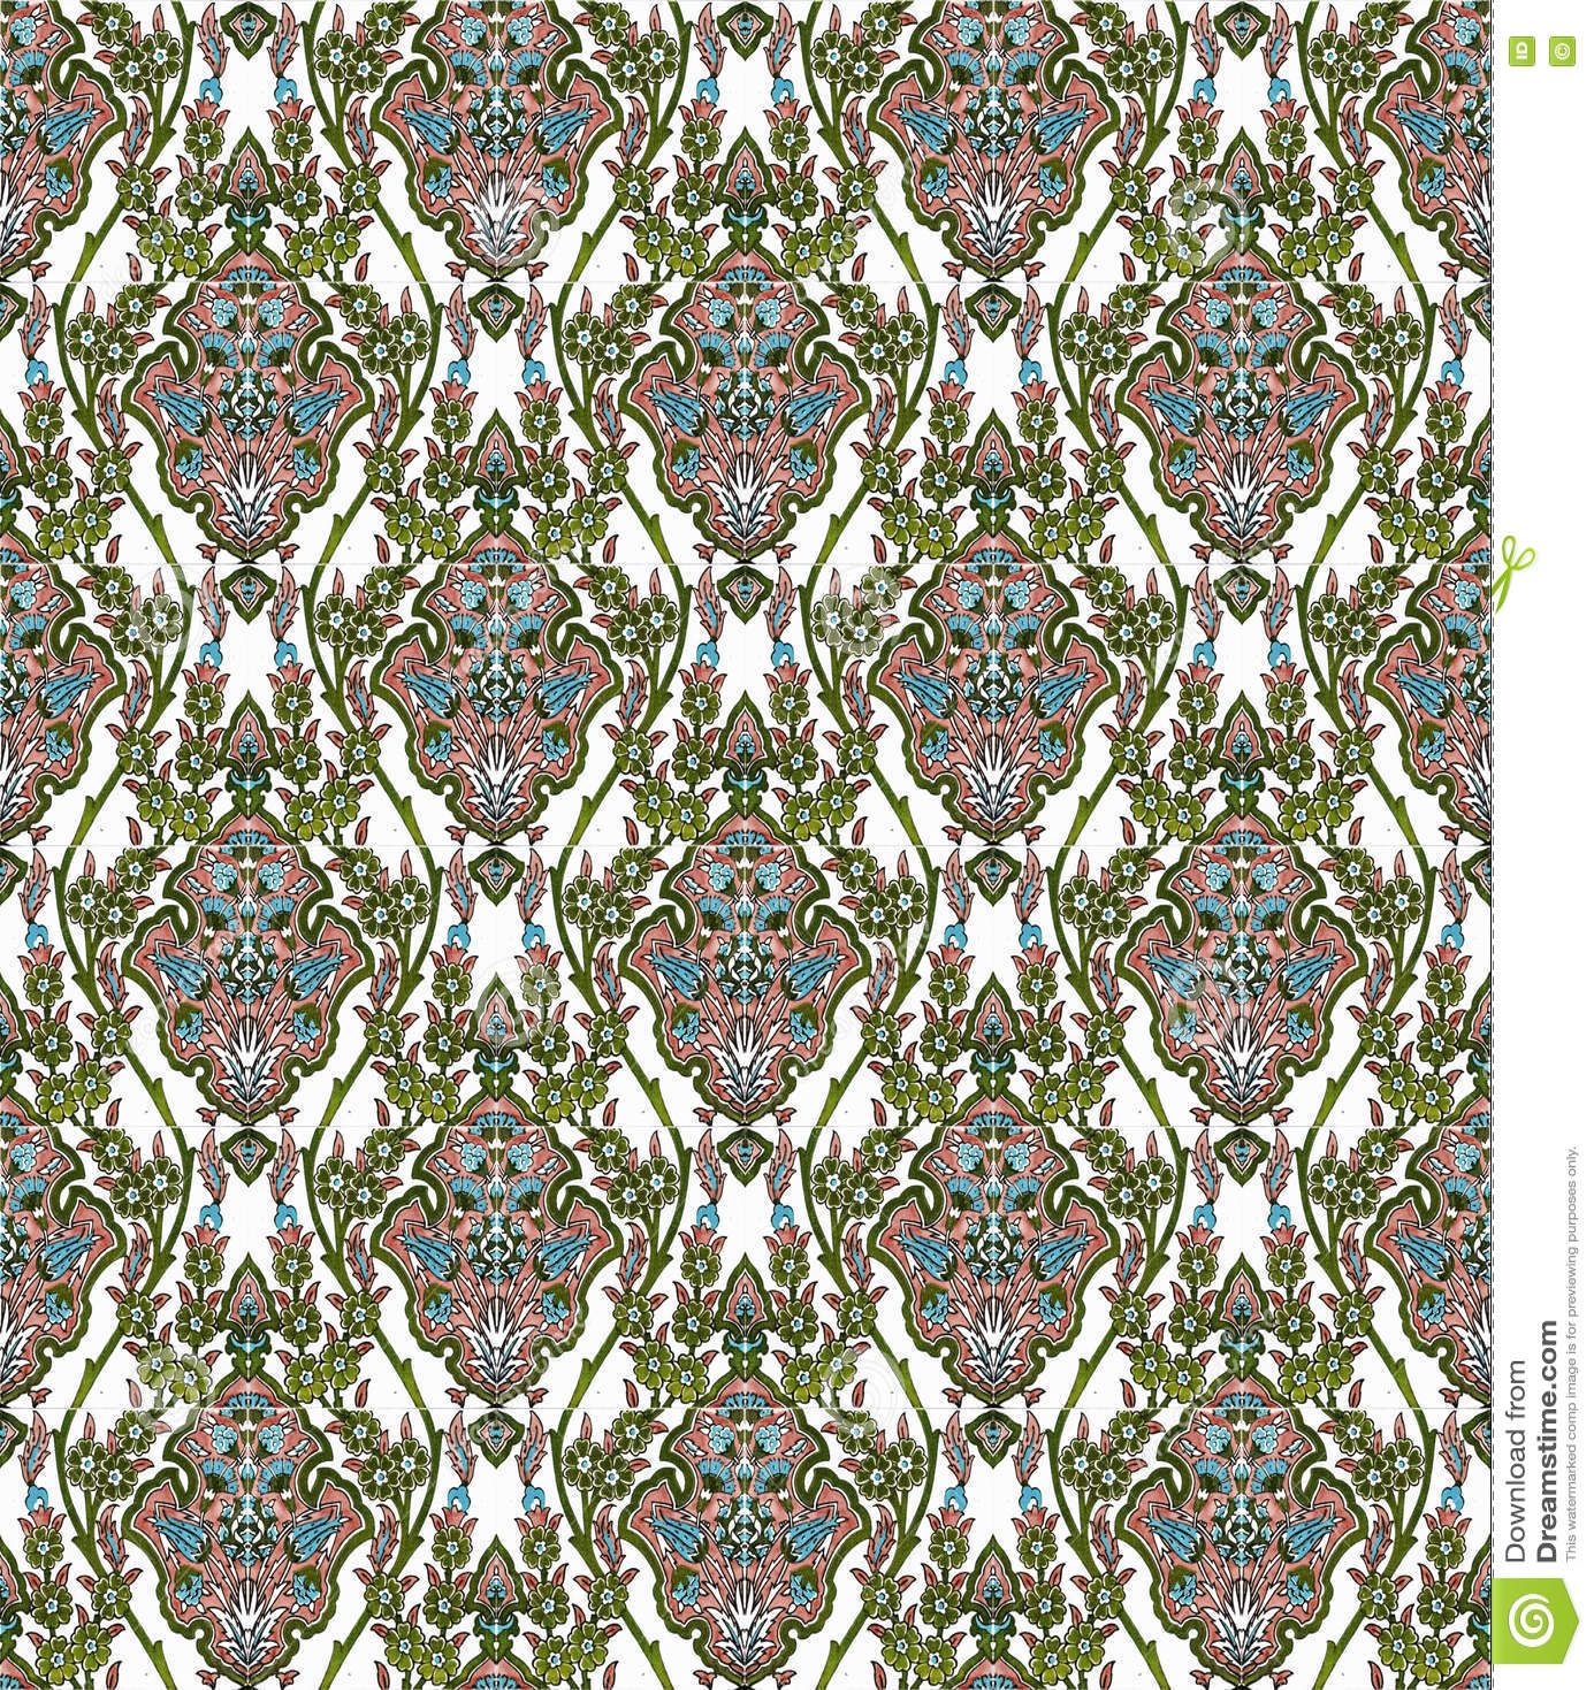 Iznik Fliesen Muster Stockfoto Bild Von Ramadan Floral 80953034